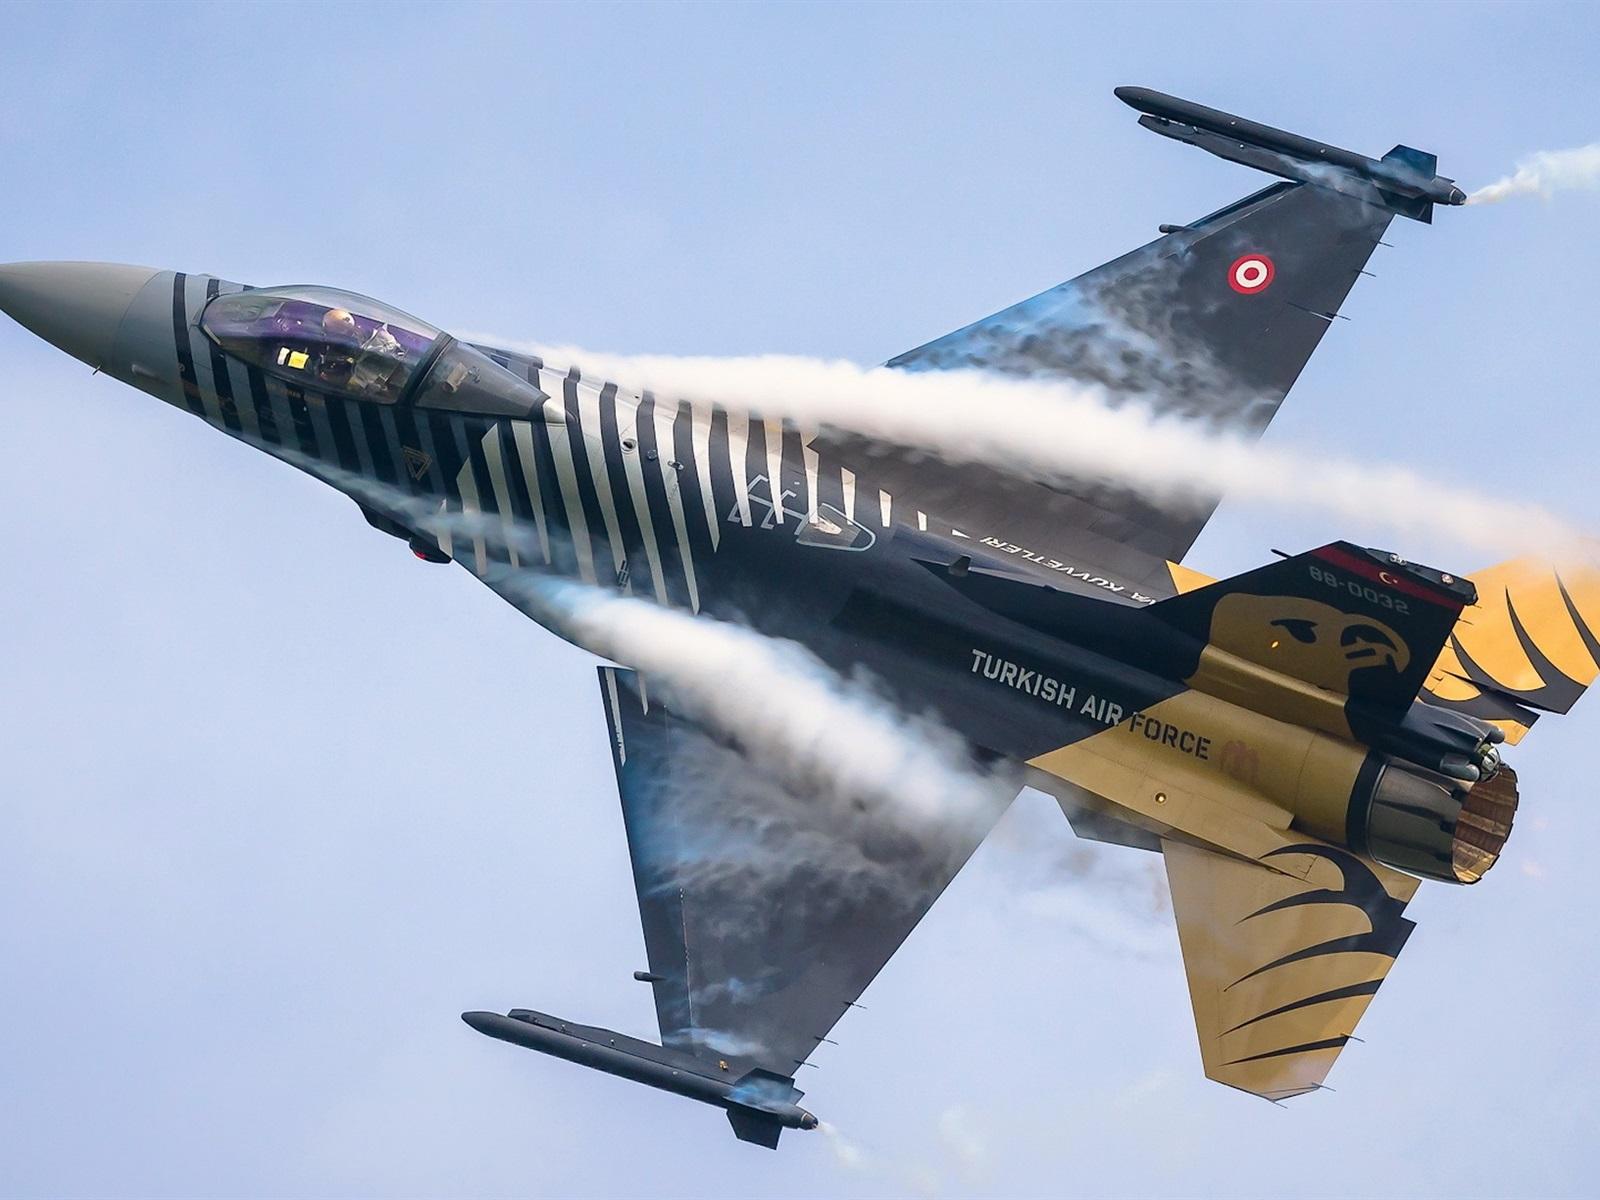 Air force planes photos M - Military Aircraft Photos. Take a shot!